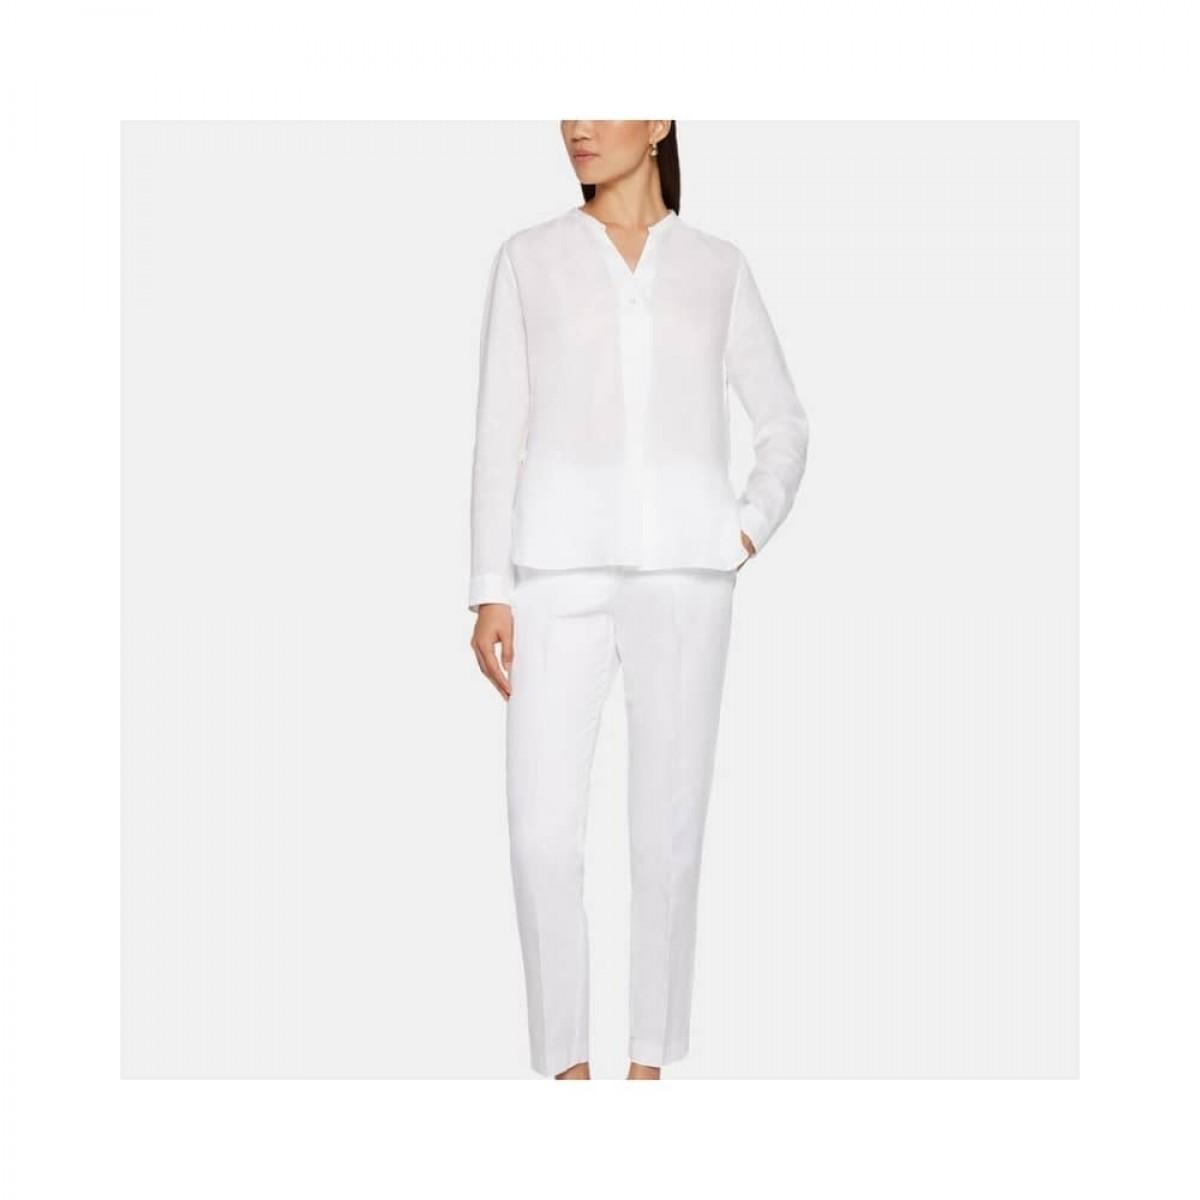 camicia donna skjorte - white - model front